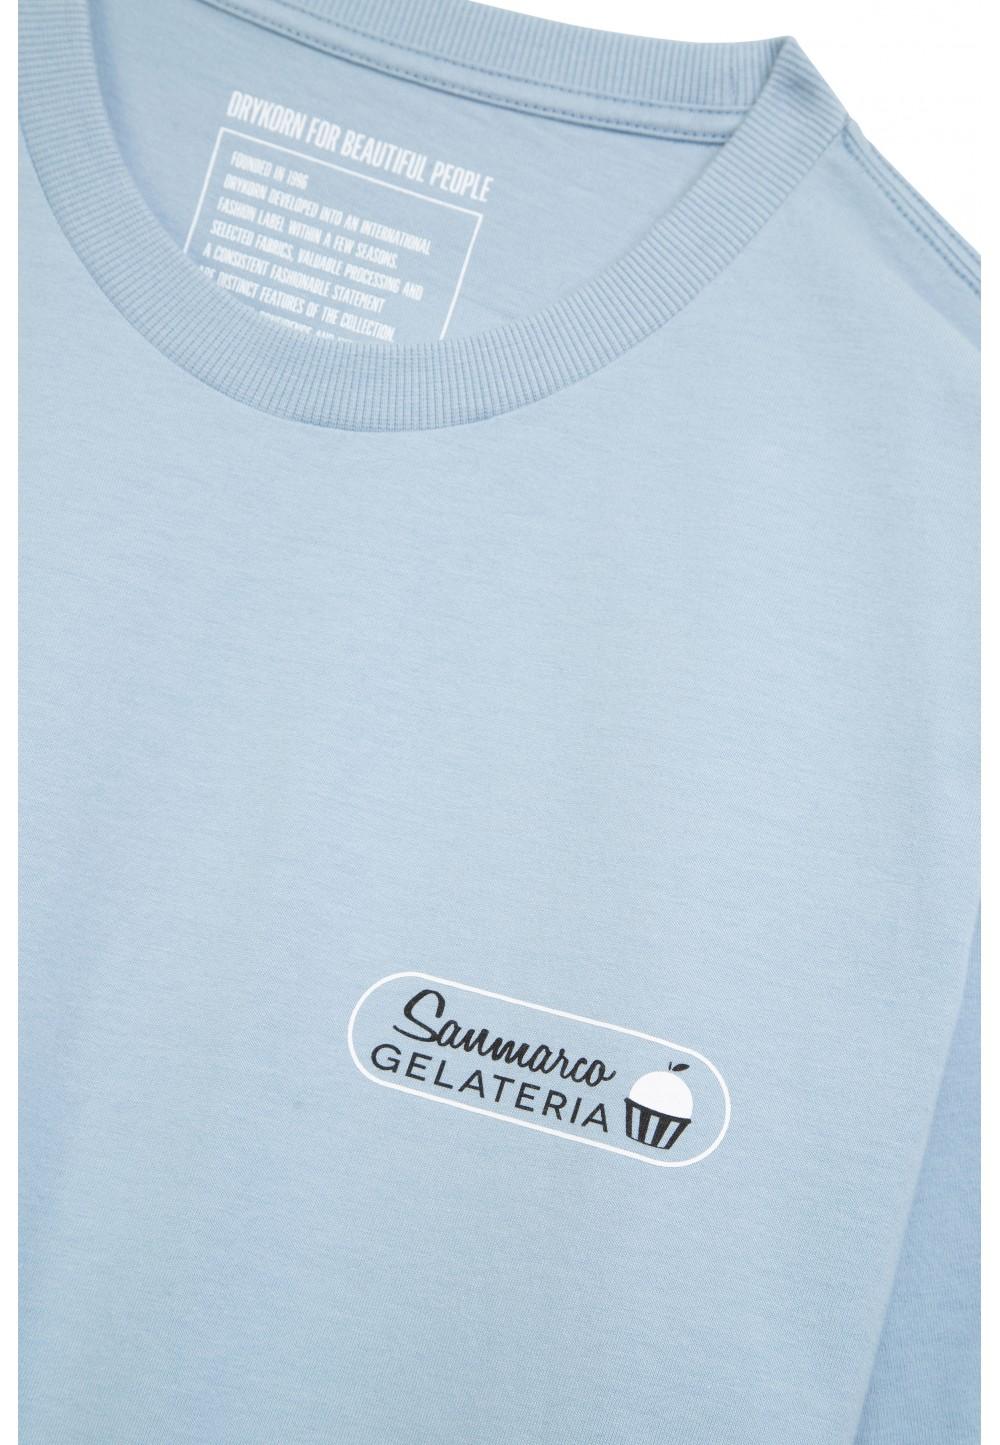 Чоловіча футболка SAMUEL_GELATO з  лого